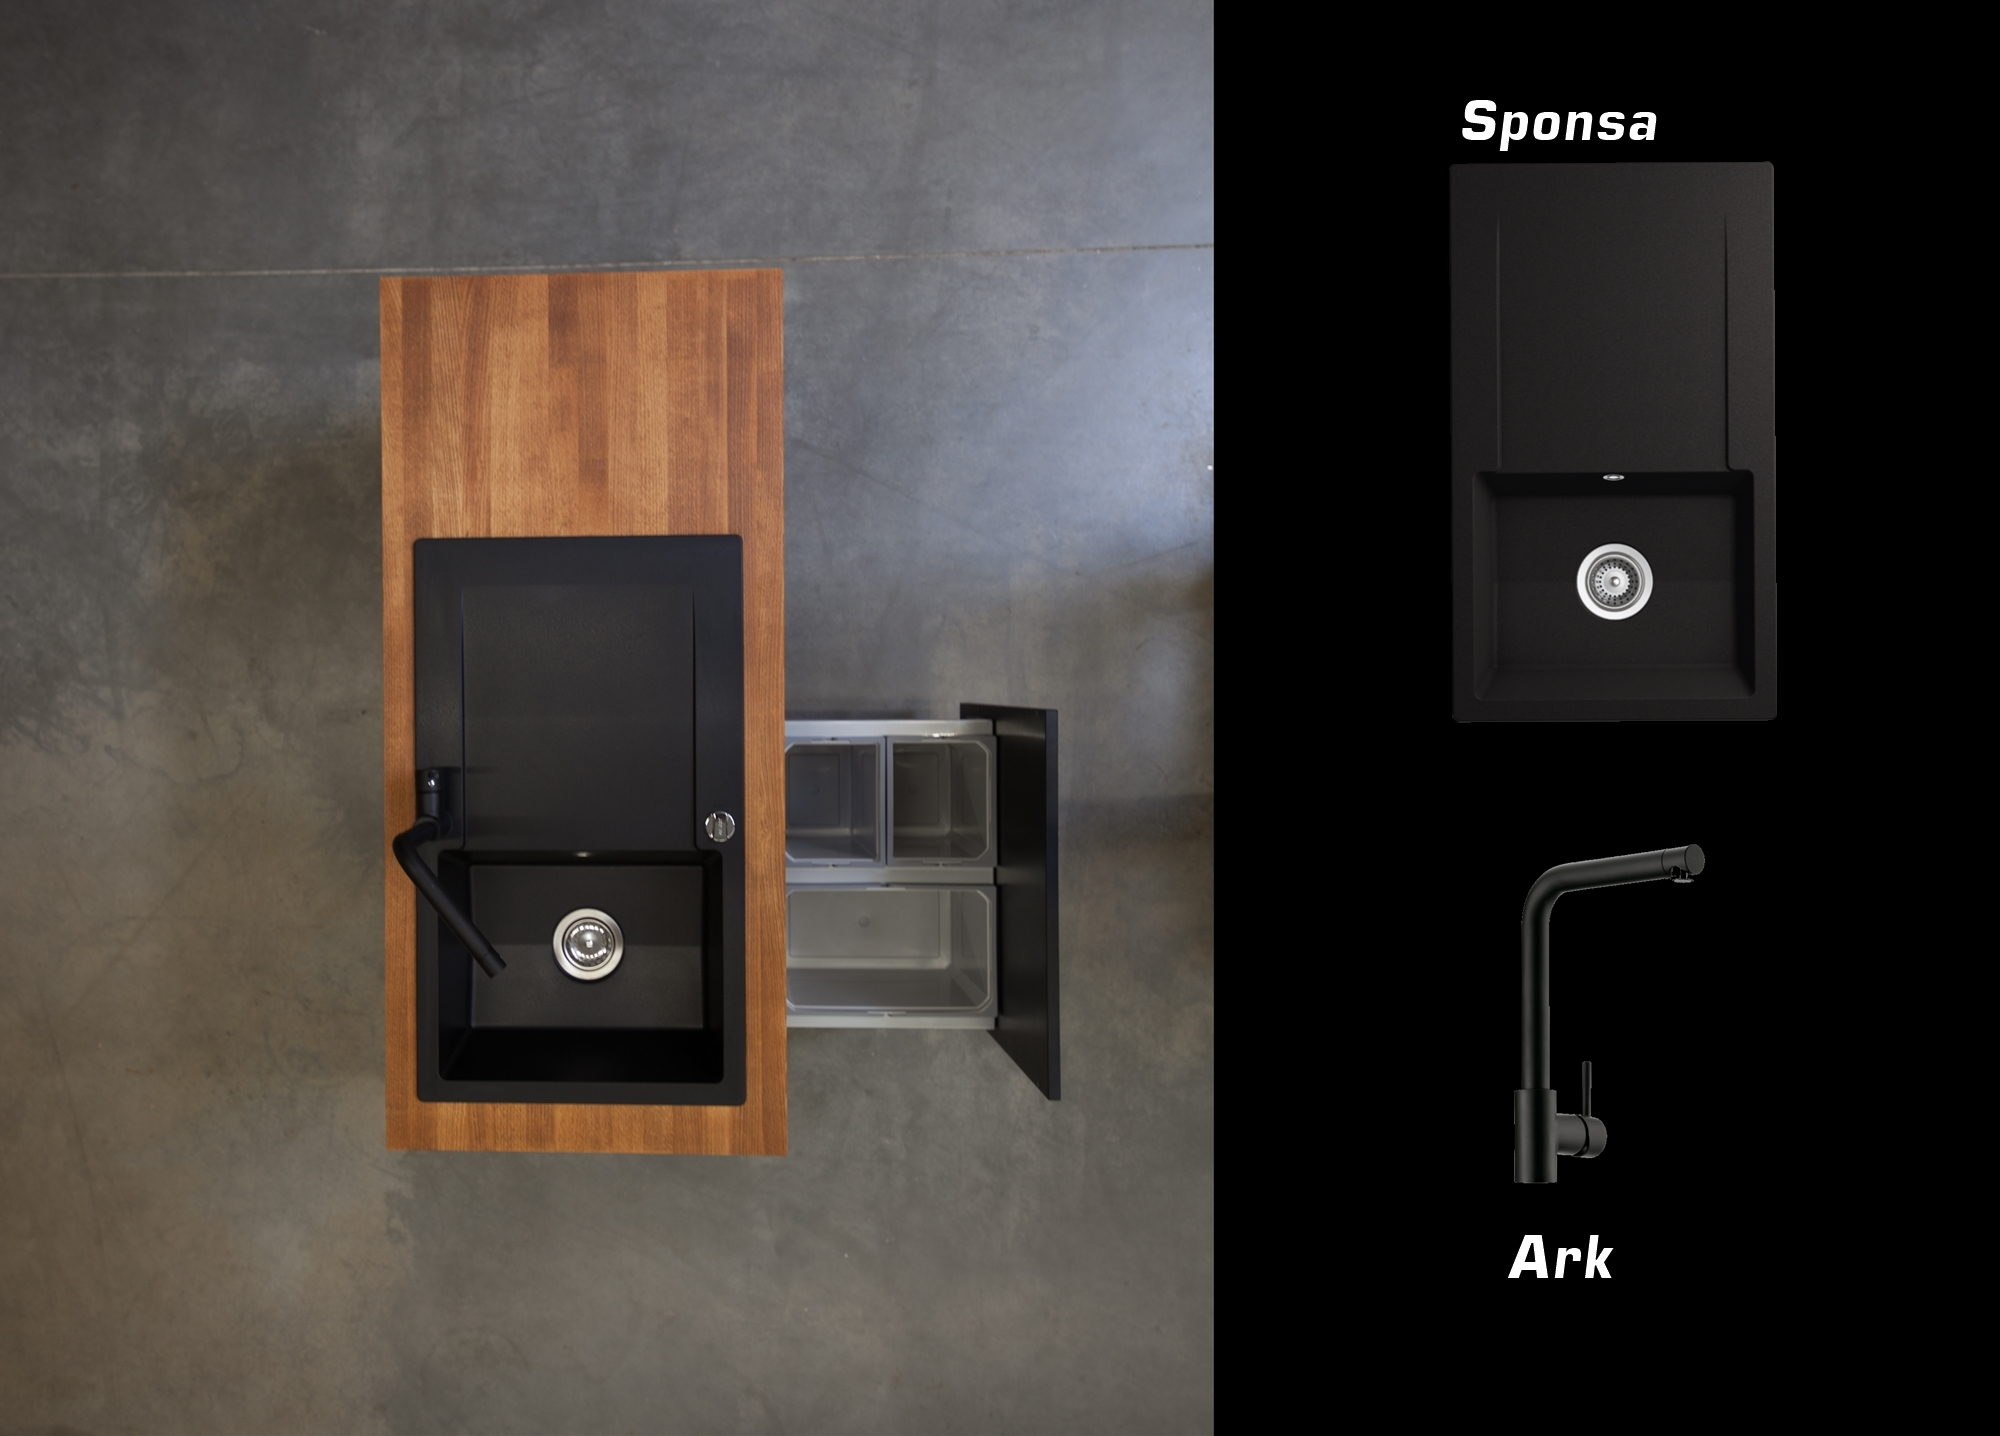 Merveilleux Sie Möchten Eine Küche, Die Perfekt Zu Ihnen Passt? Entdecken Sie Die  Produktwelt Unseres Modularen Küchensystems Bloc.